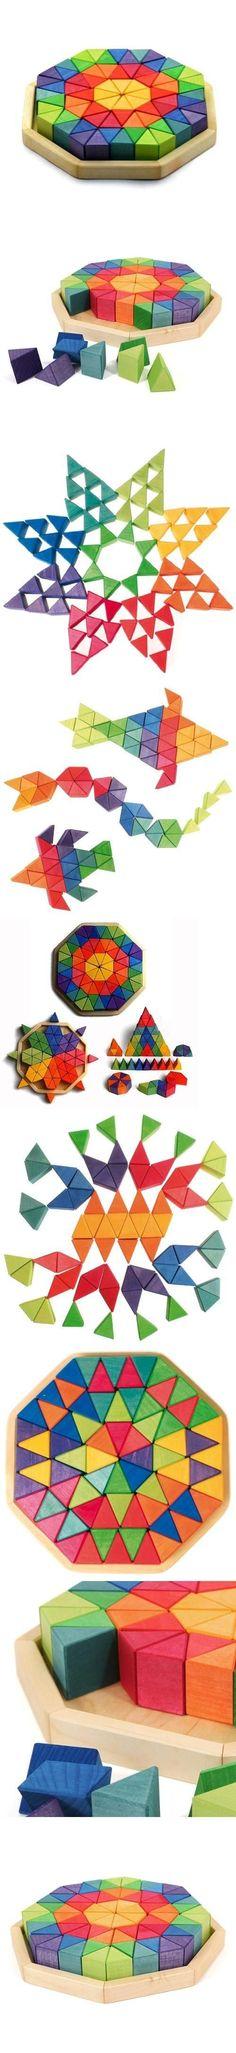 Acción: super poner Forma: triangular, con volumen, distintos colores Tamaño: chico, formar construcciones horizontales y verticales estabilidad del lado plano, sin equivalencias , simetría Material: madera dura